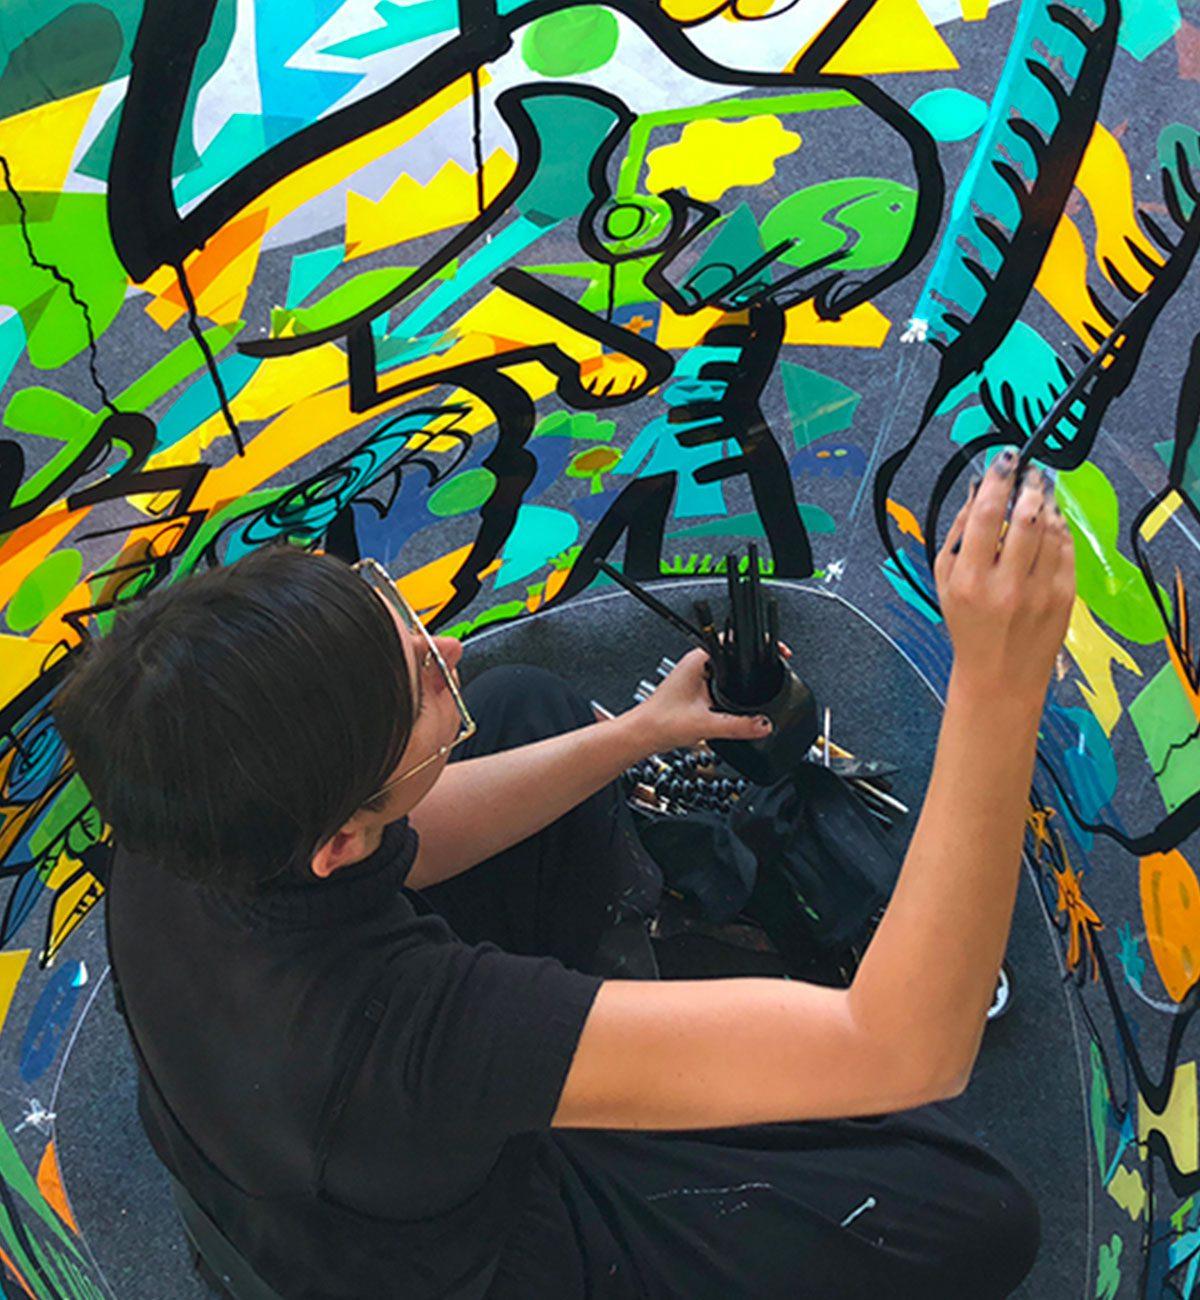 l'artiste de live painting aNa en train de peindre depuis le centre de son tube géant plexi art entourée de formes de couleurs jaunes vertes et bleues